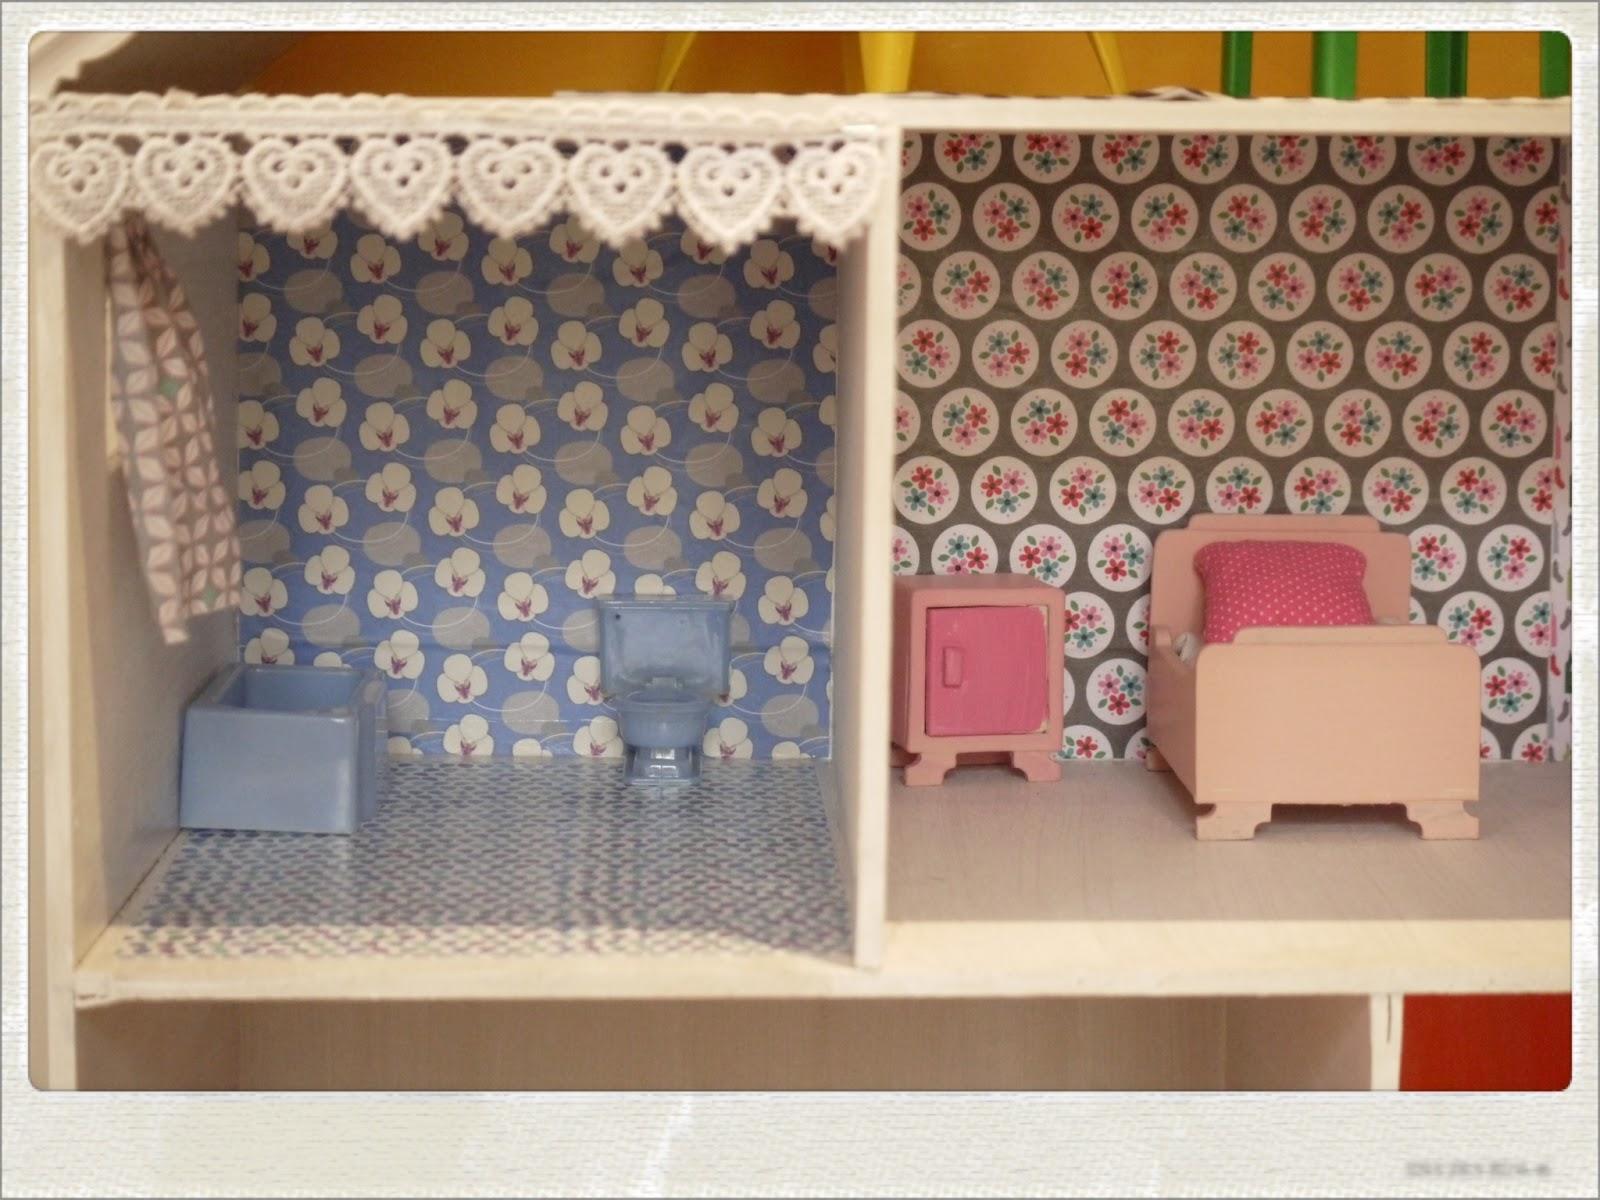 Rideau salle de bain fenetre solutions pour la d coration int rieure de votre maison - Rideau pour salle de bain ...